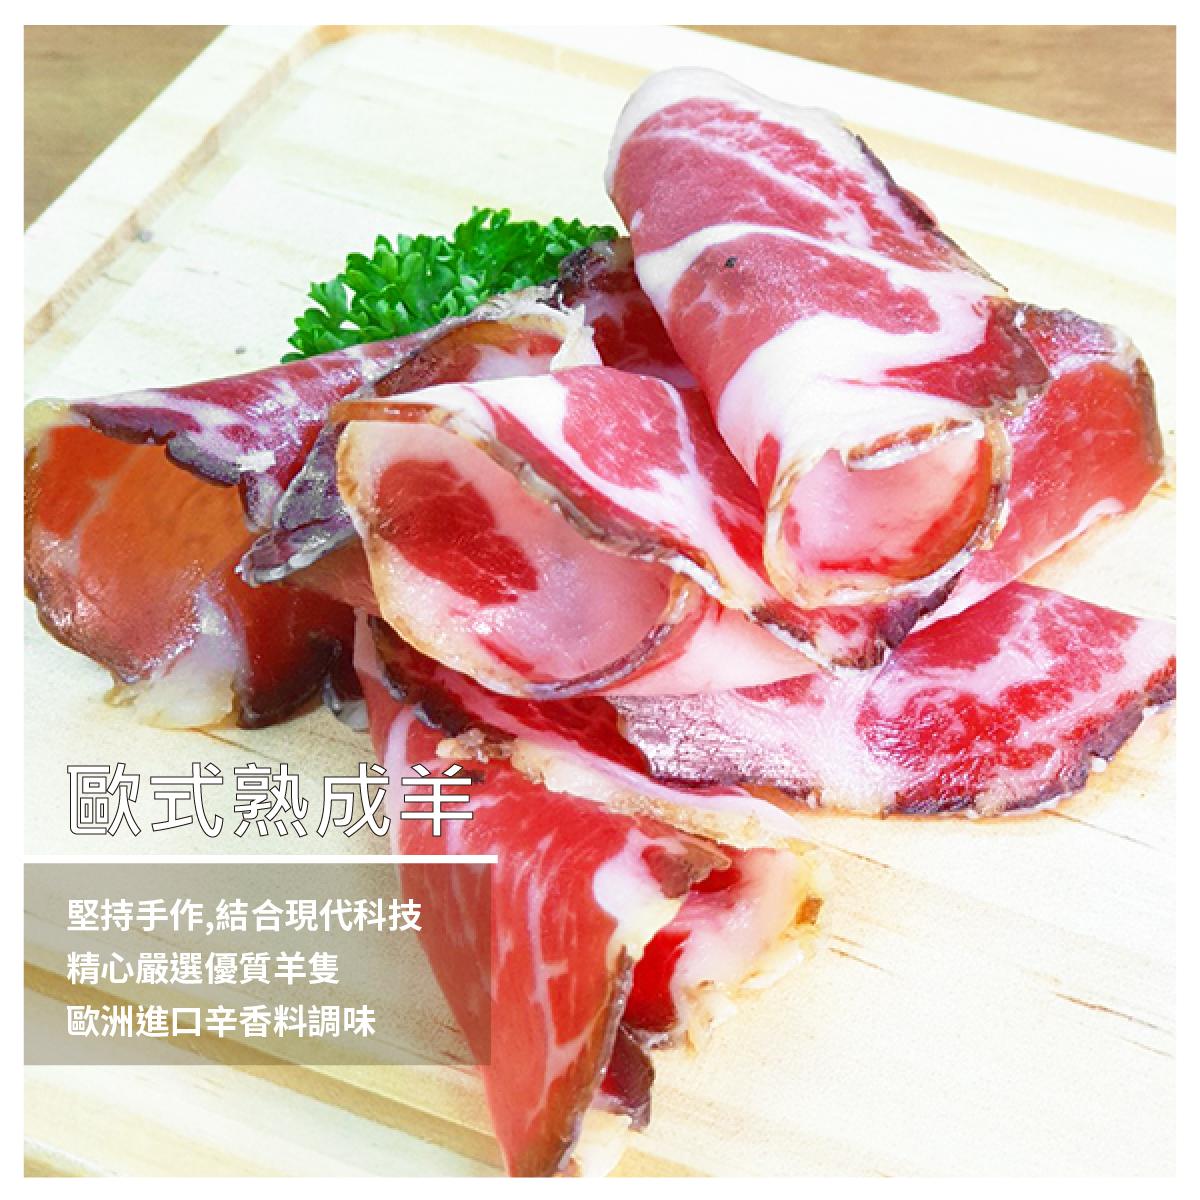 【豐園羊牧場】歐式熟成羊/100g